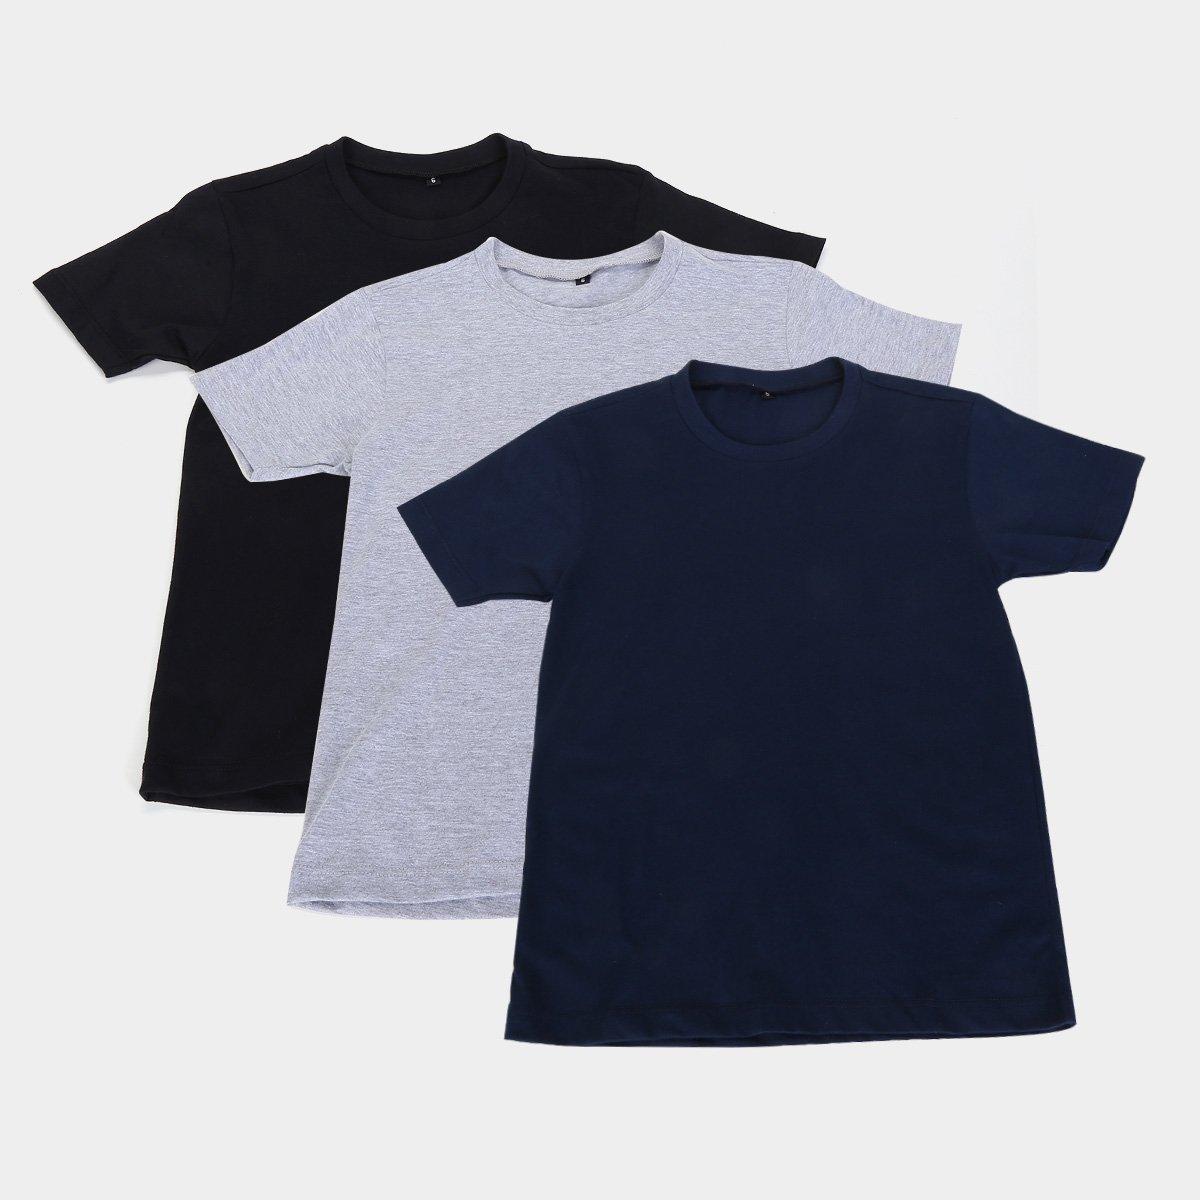 Kit de camisetas básica Mangas - 3 Peças